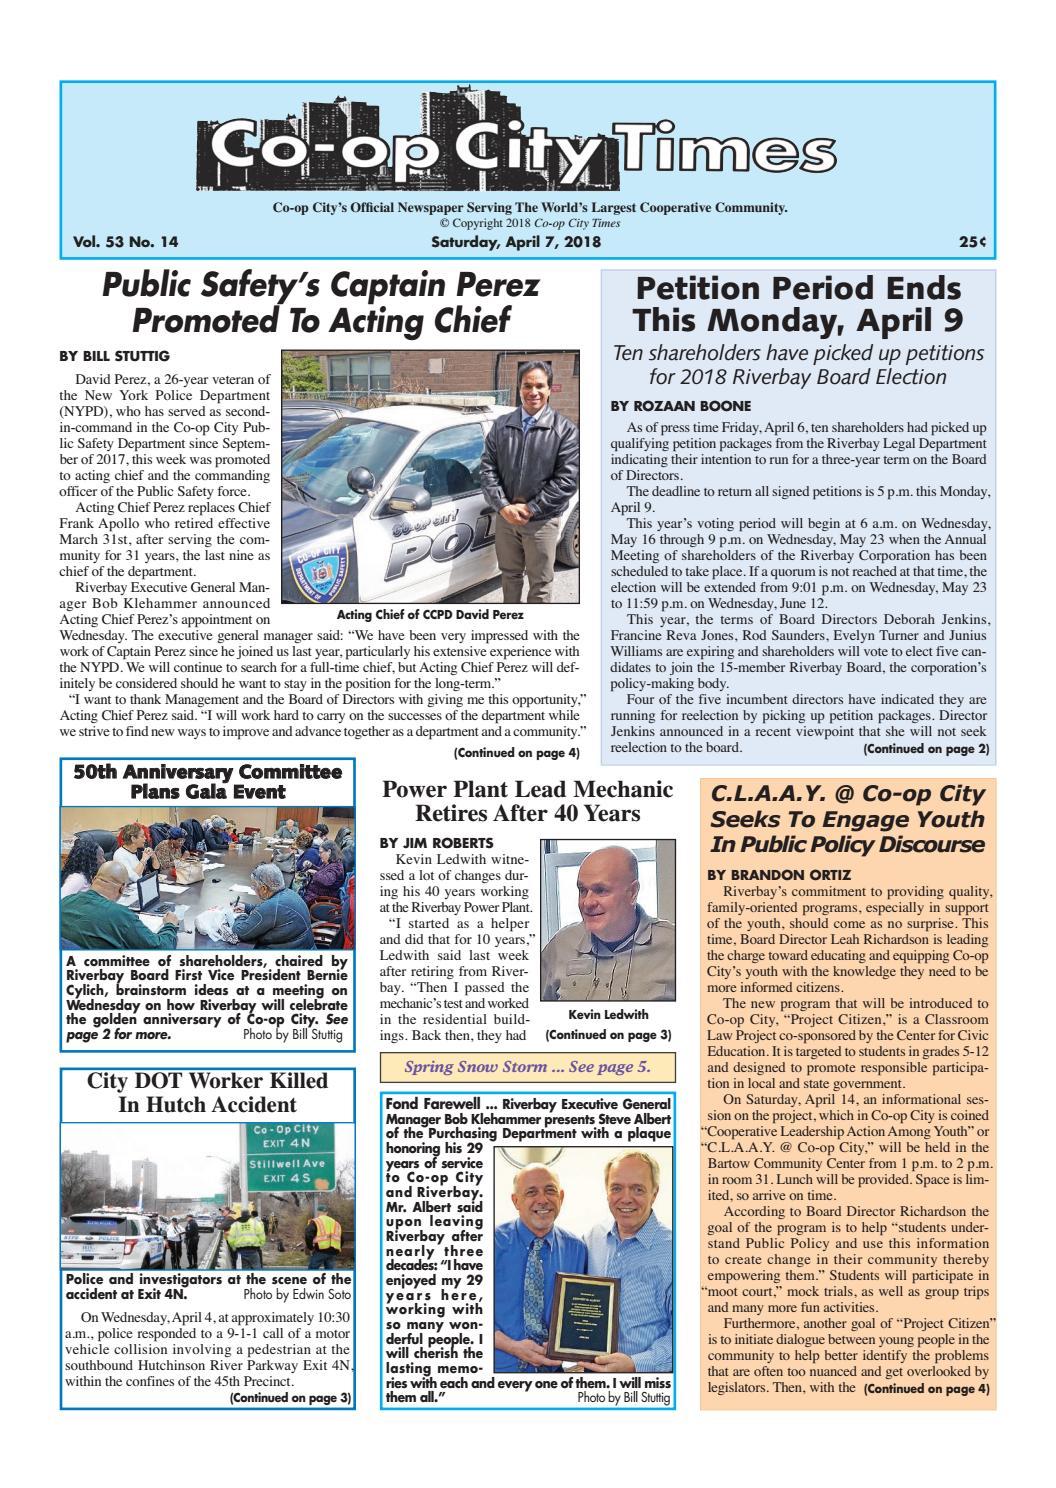 GuantaÌnamo Bay gazette